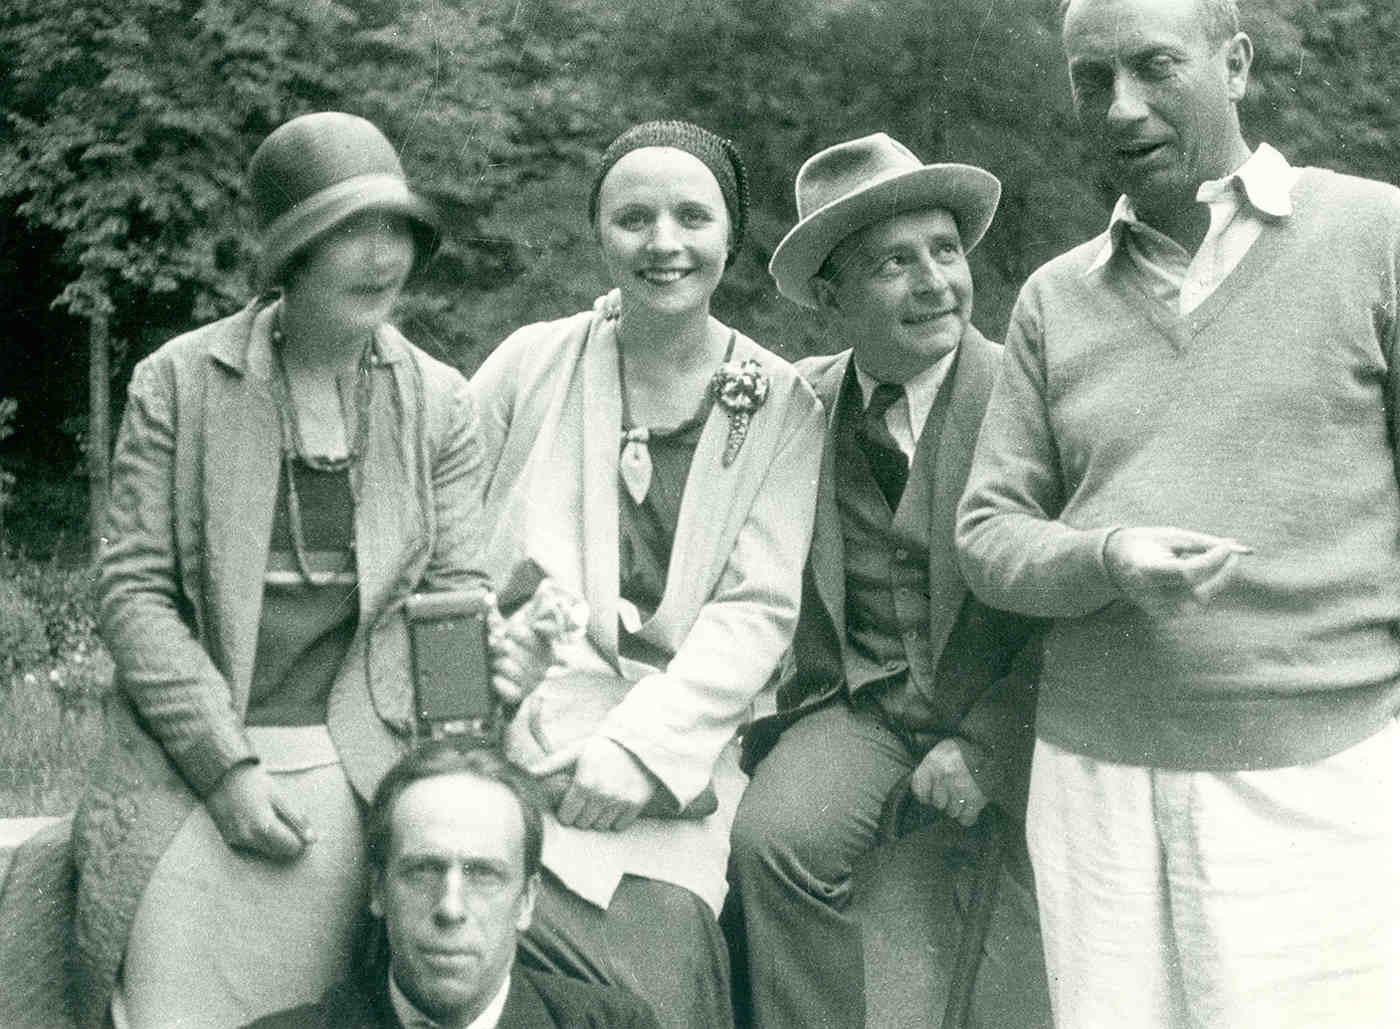 Steffi Kiesler, Theo van Doesburg, Nelly van Doesburg, Frederick Kiesler and Hans Arp, Clamart, 1930